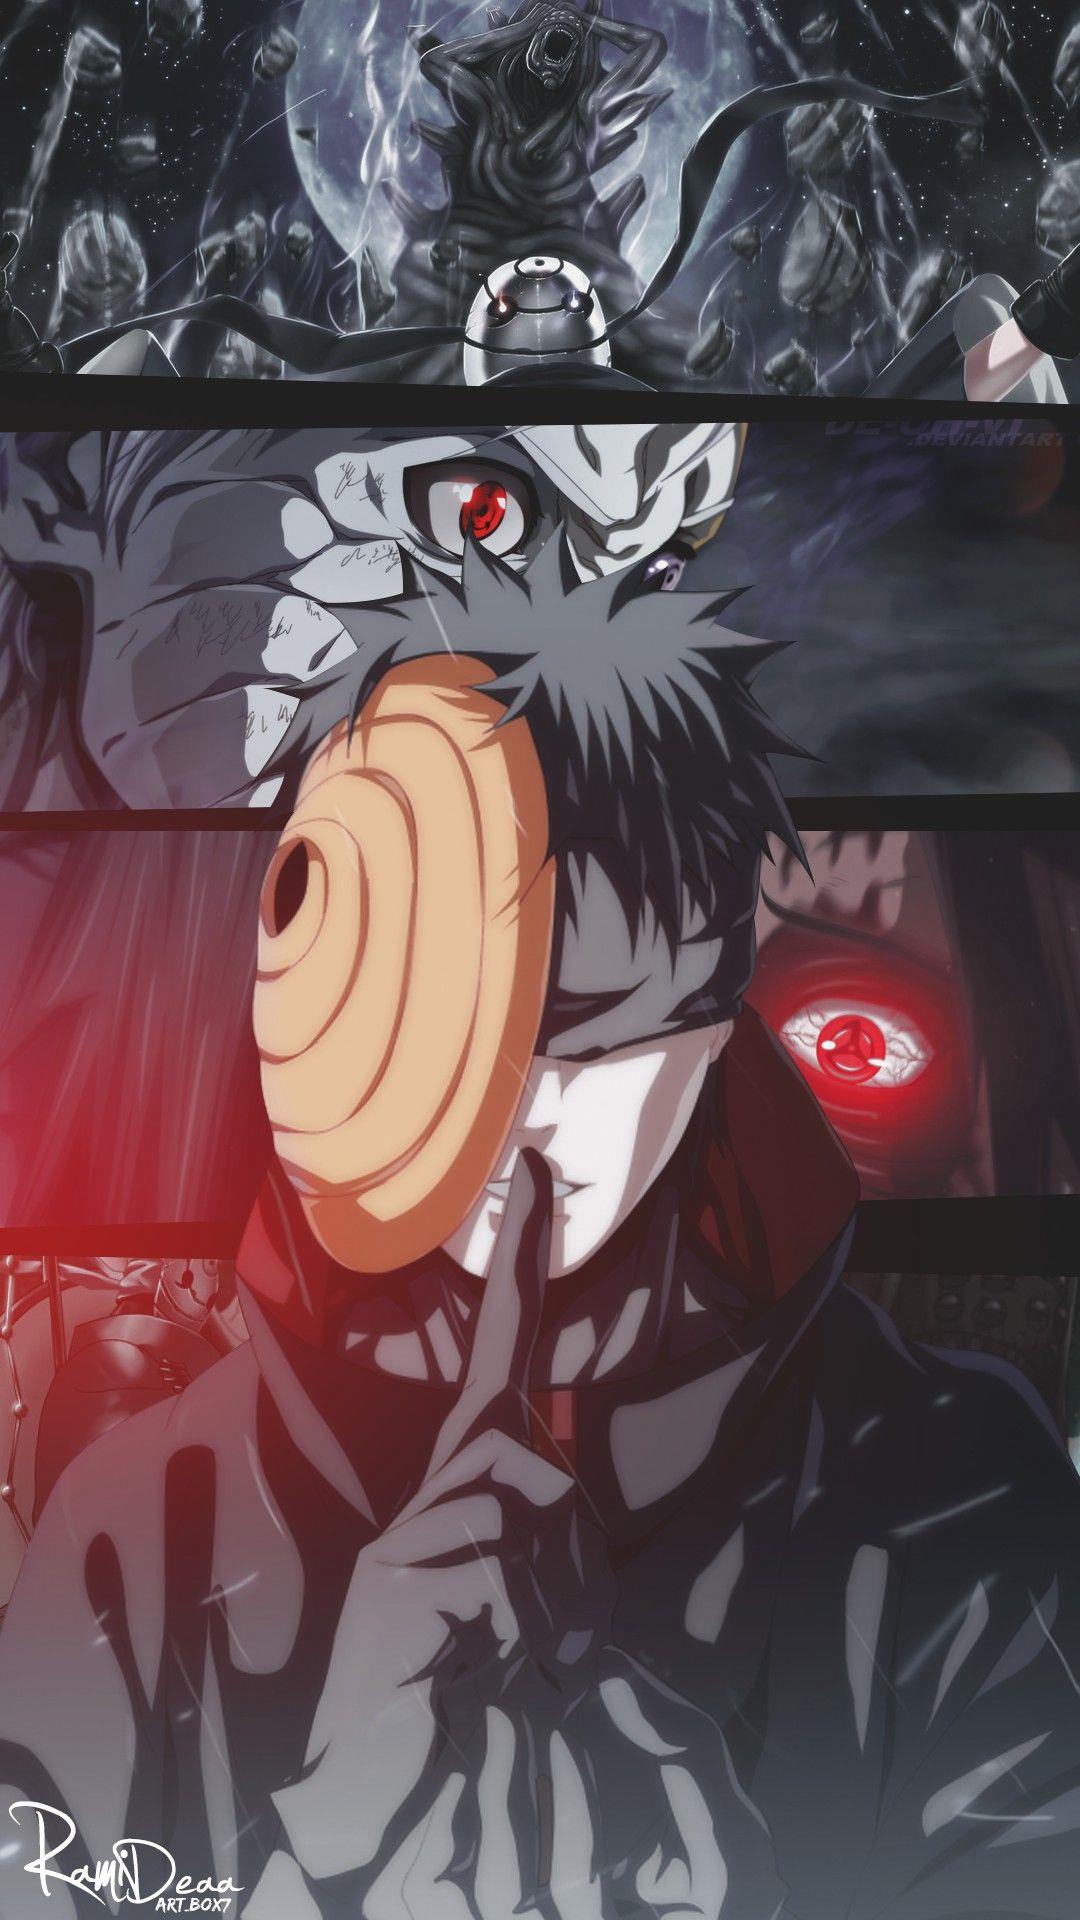 OBITO UCHIHA Wallpaper naruto shippuden, Naruto